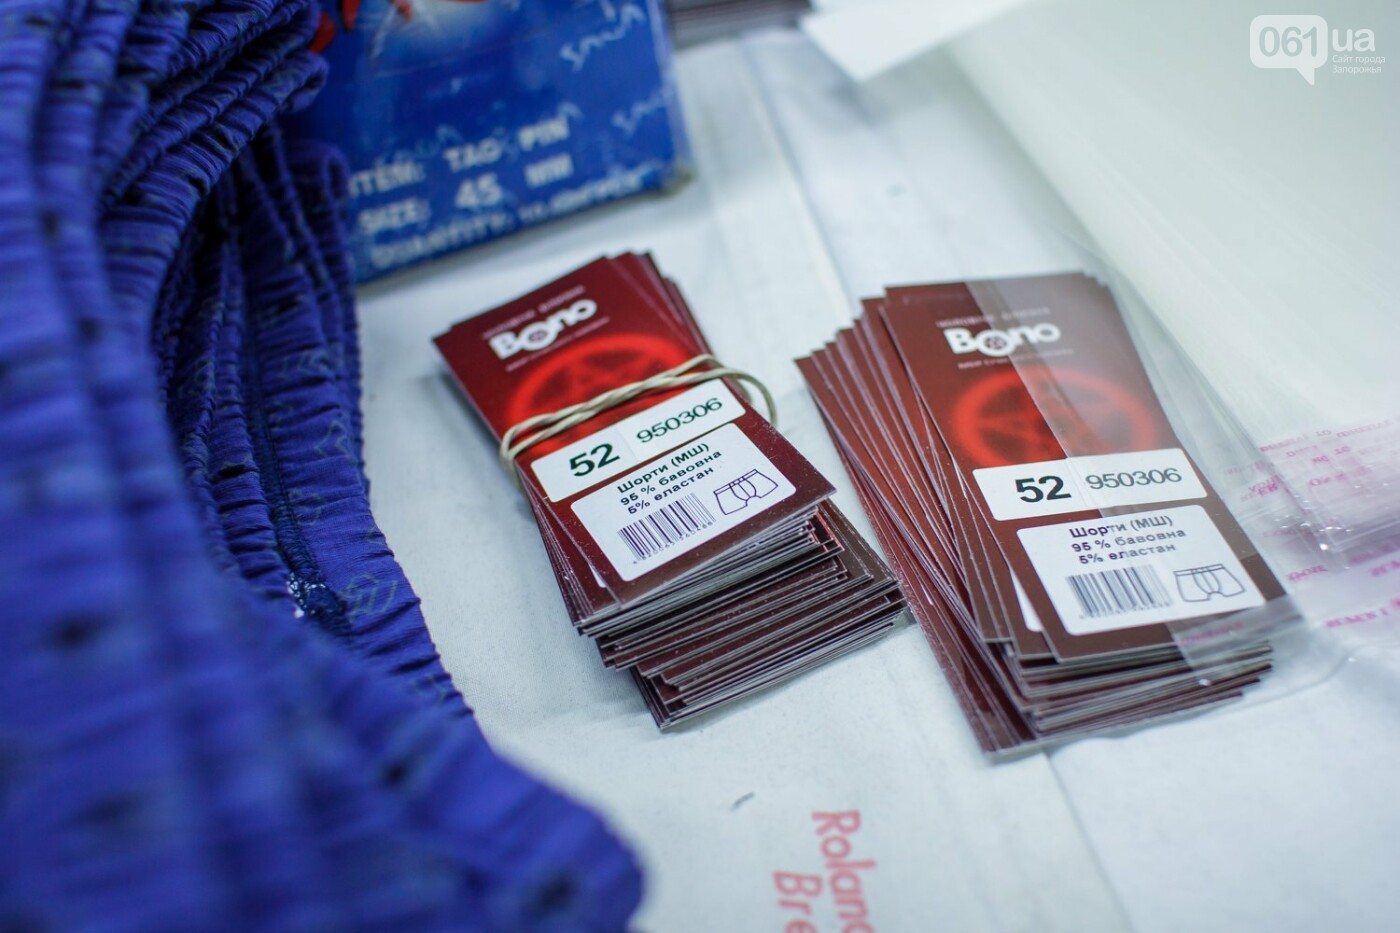 Как в Запорожье шьют мужское белье: экскурсия на трикотажную фабрику, – ФОТОРЕПОРТАЖ, фото-4